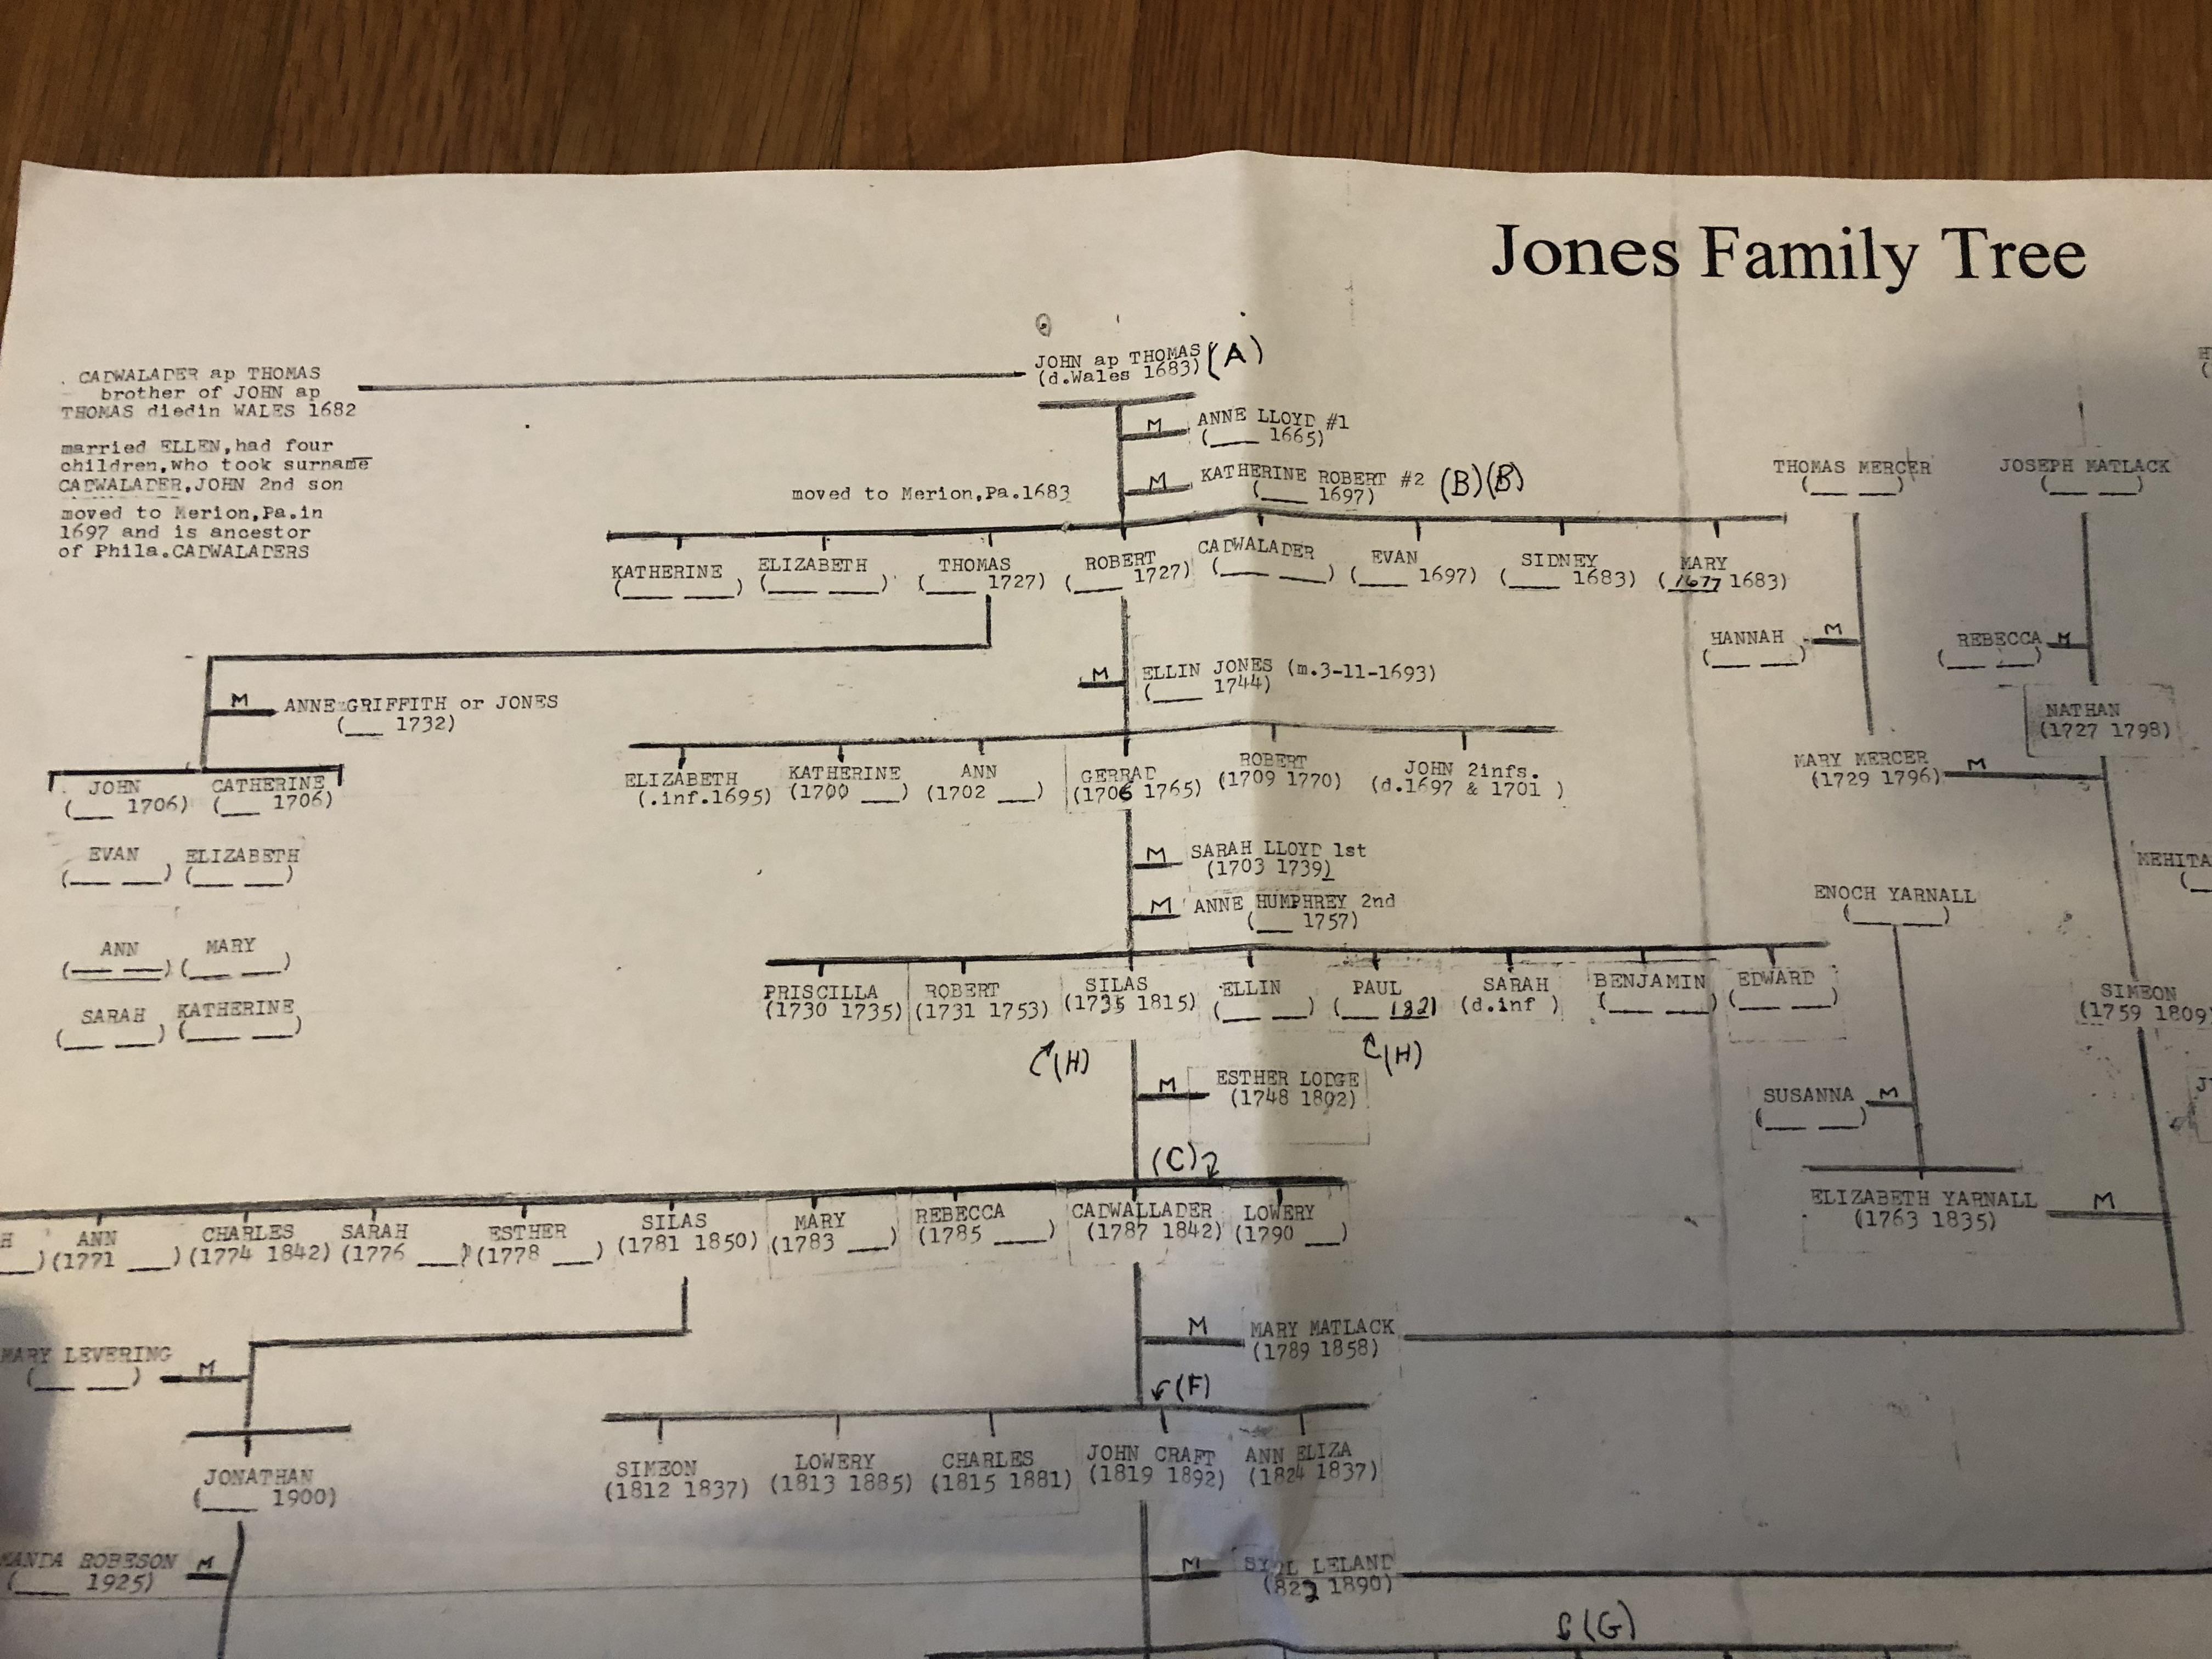 Jones family. Merion, PA. Morning Star